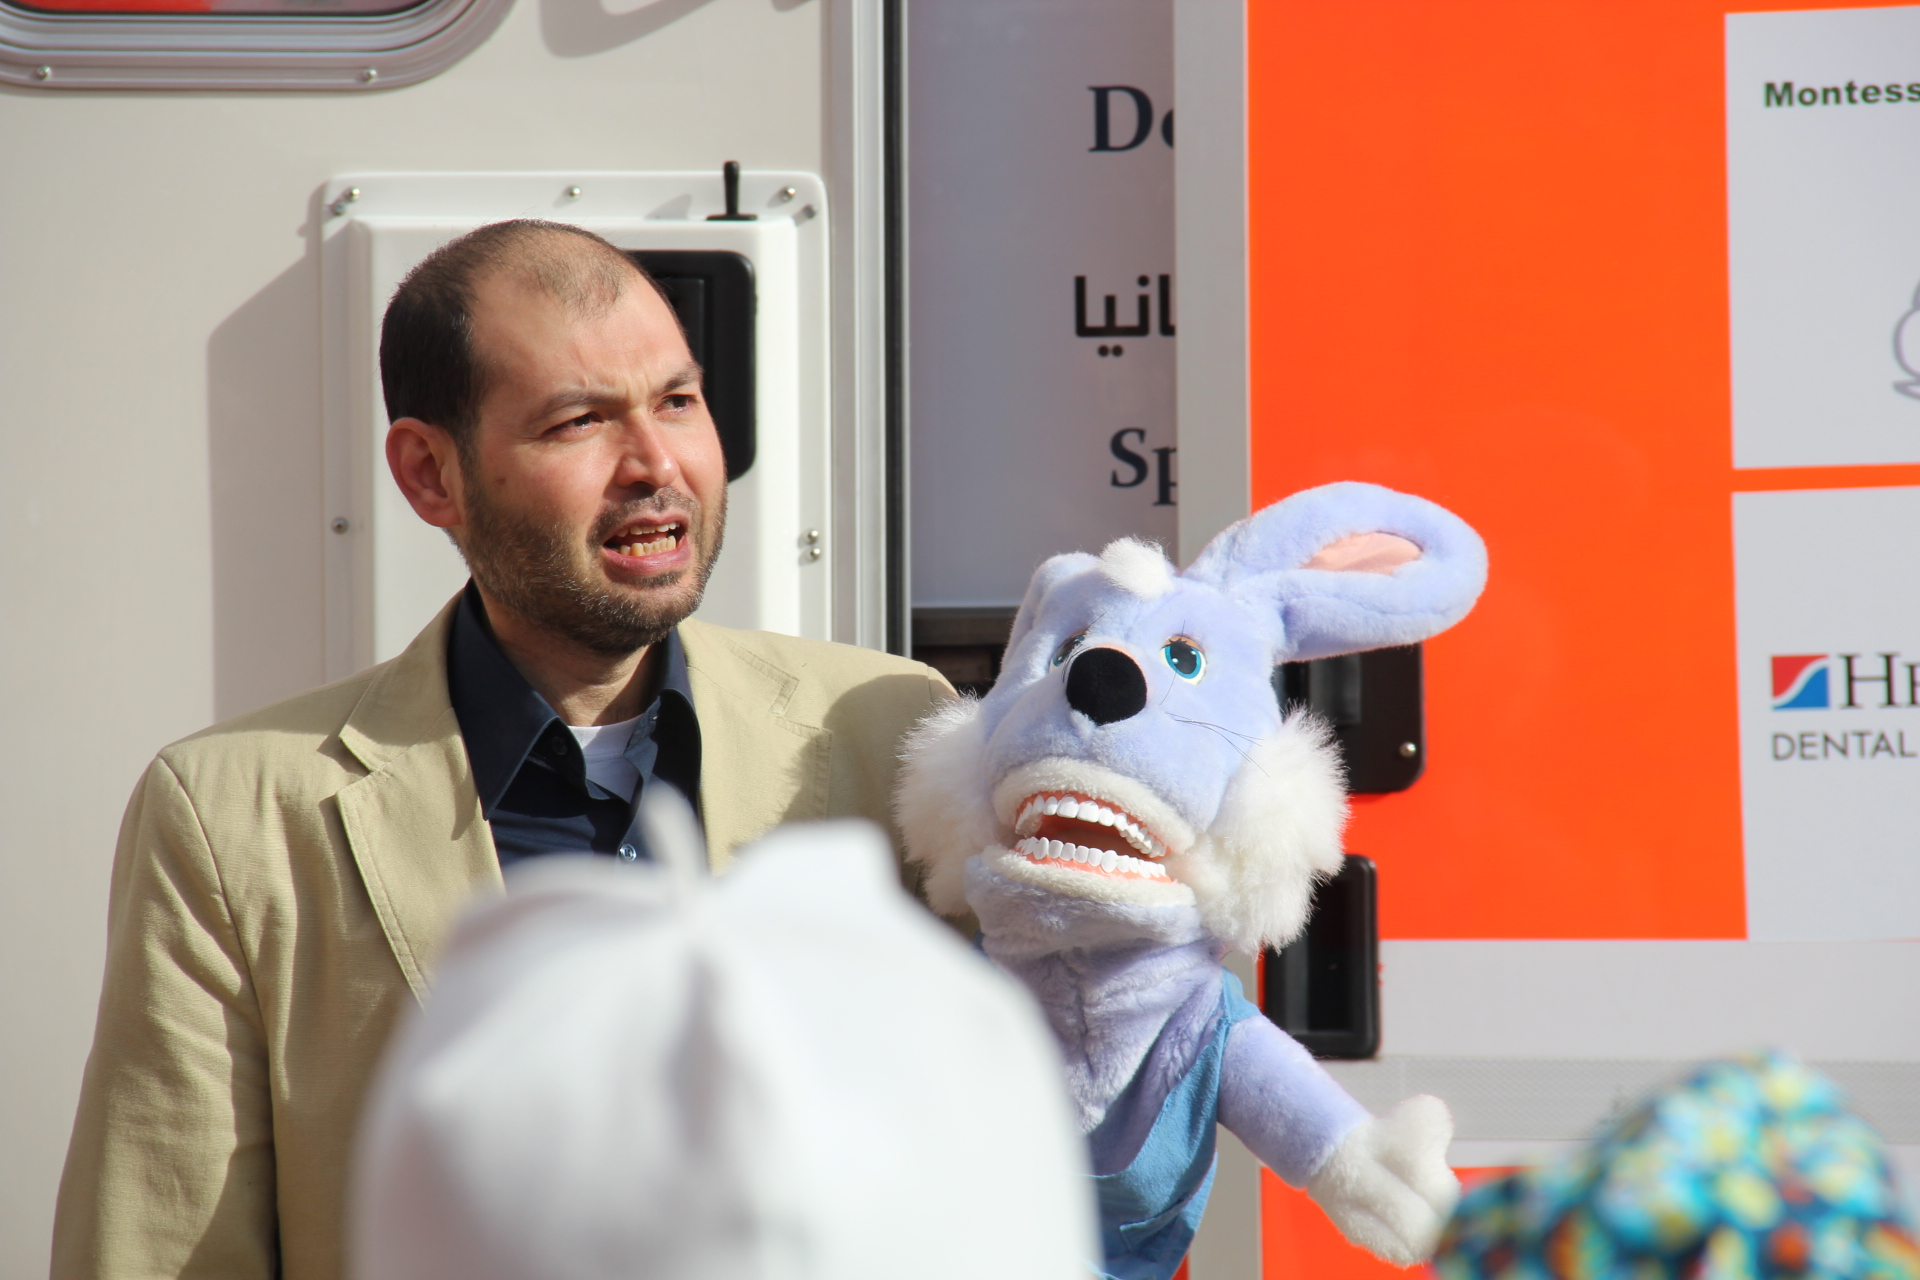 Mit seiner Handpuppe erklärte Dr. Mohammad Alkilzy den Kindern der Montessori-Schule, dass die syrischen Flüchtlinge dringend Hilfe benötigen.